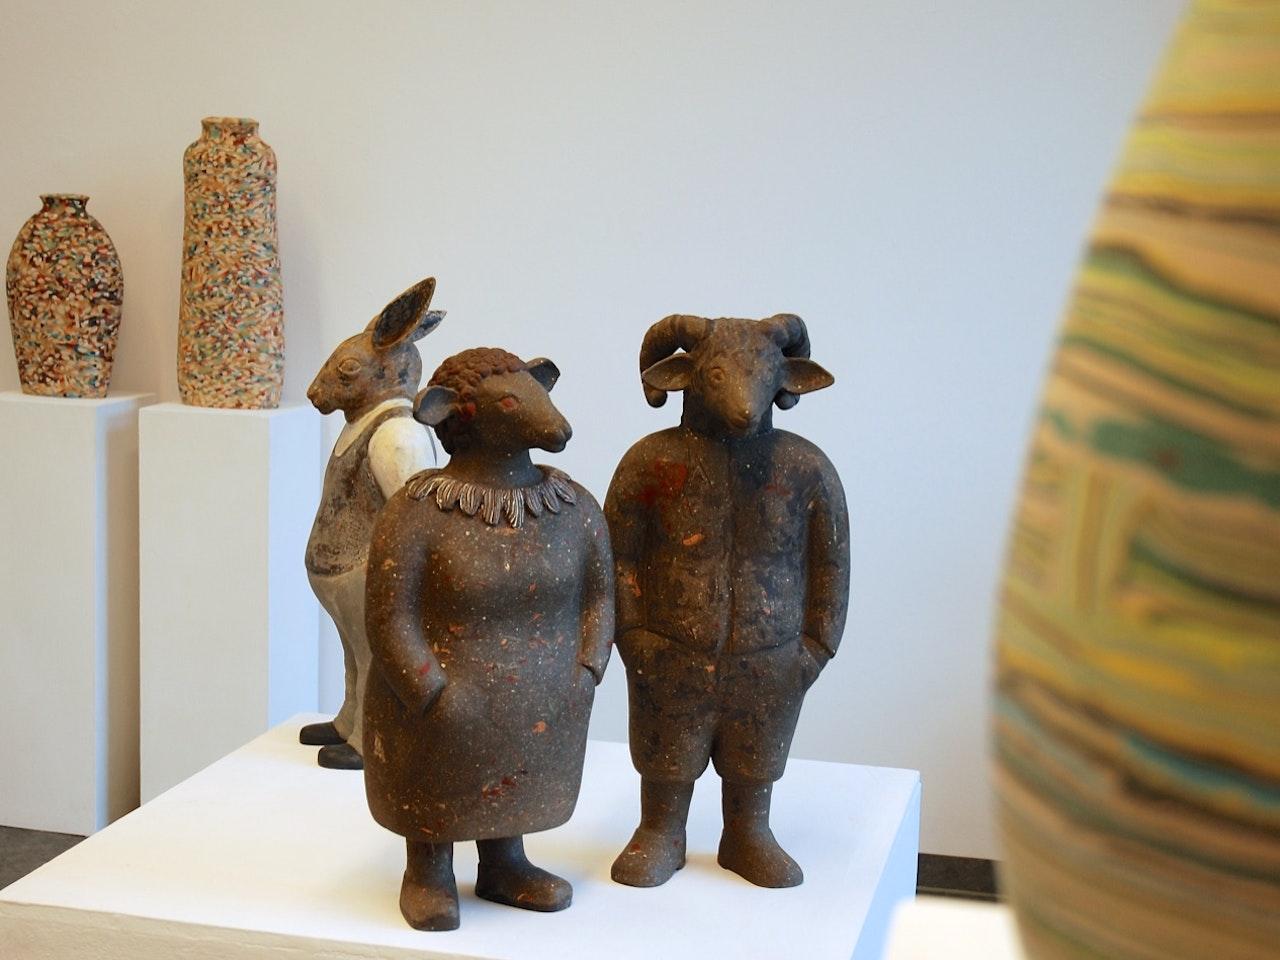 """Eröffnung """"Dorothee Wenz: Gefäße & Figuren"""" Galerie terra rossa, Leipzig"""